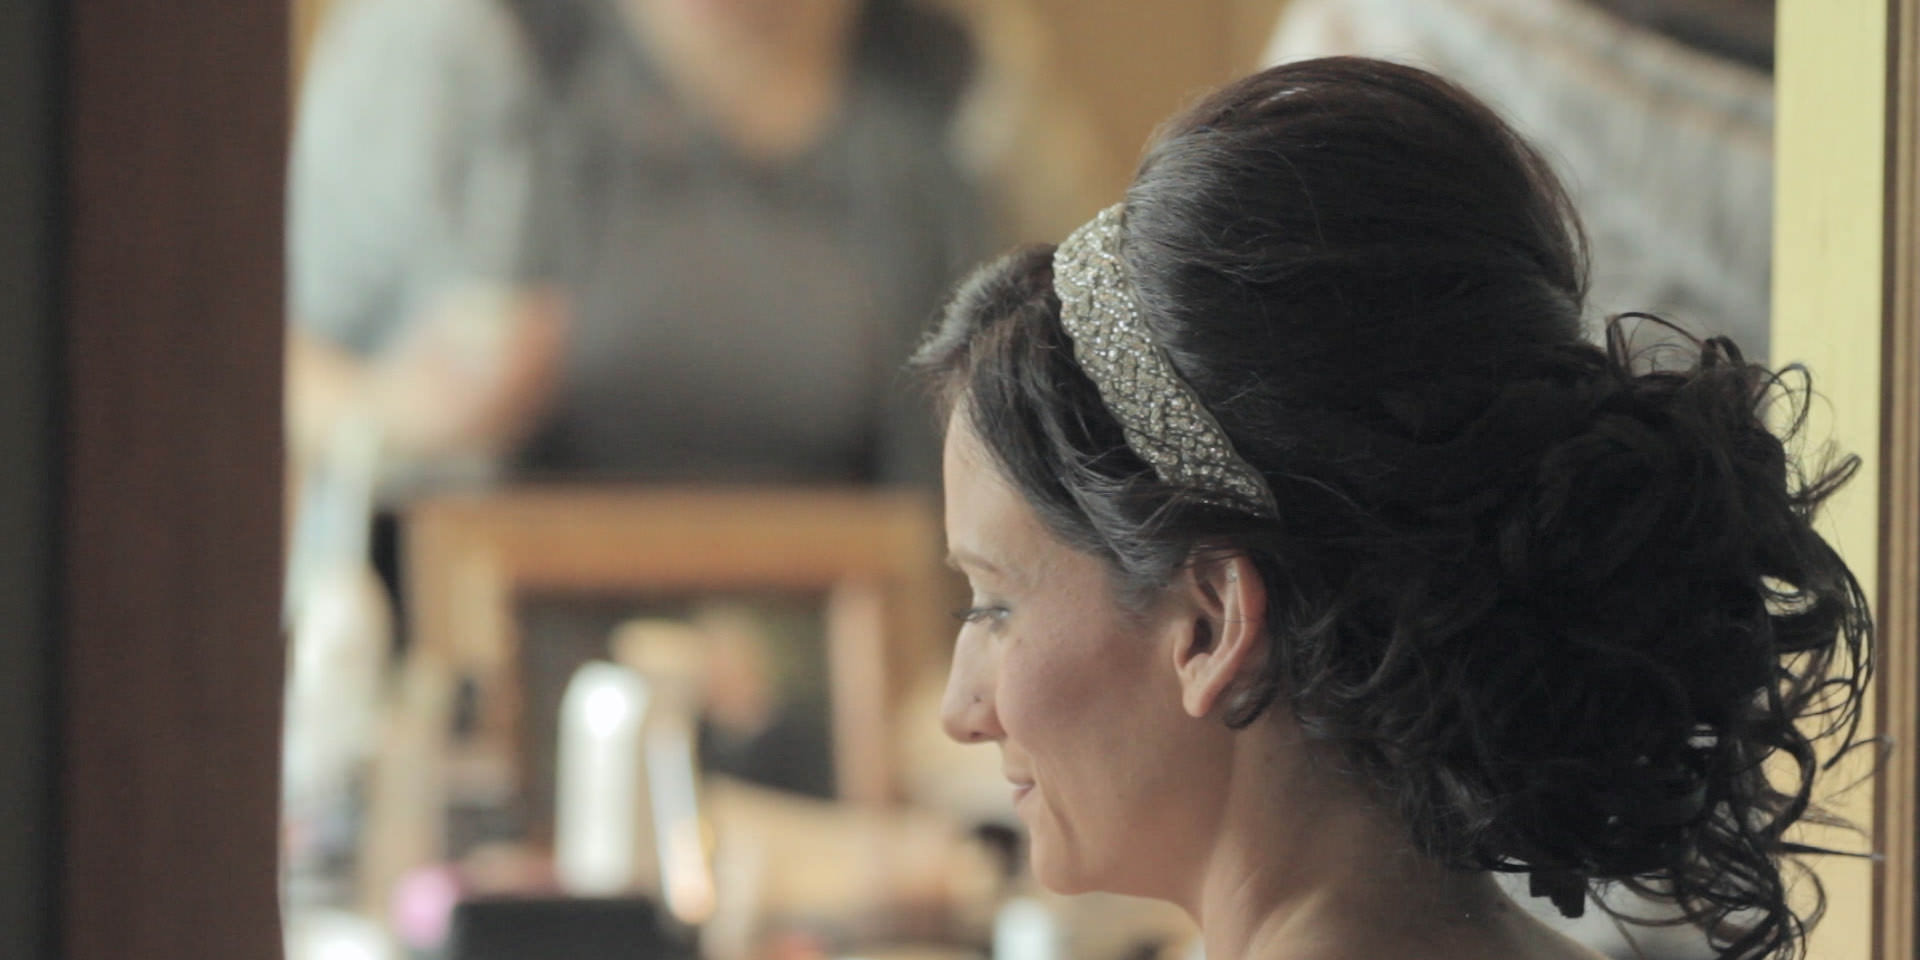 tyler&melissa wedding story.Still009.jpg